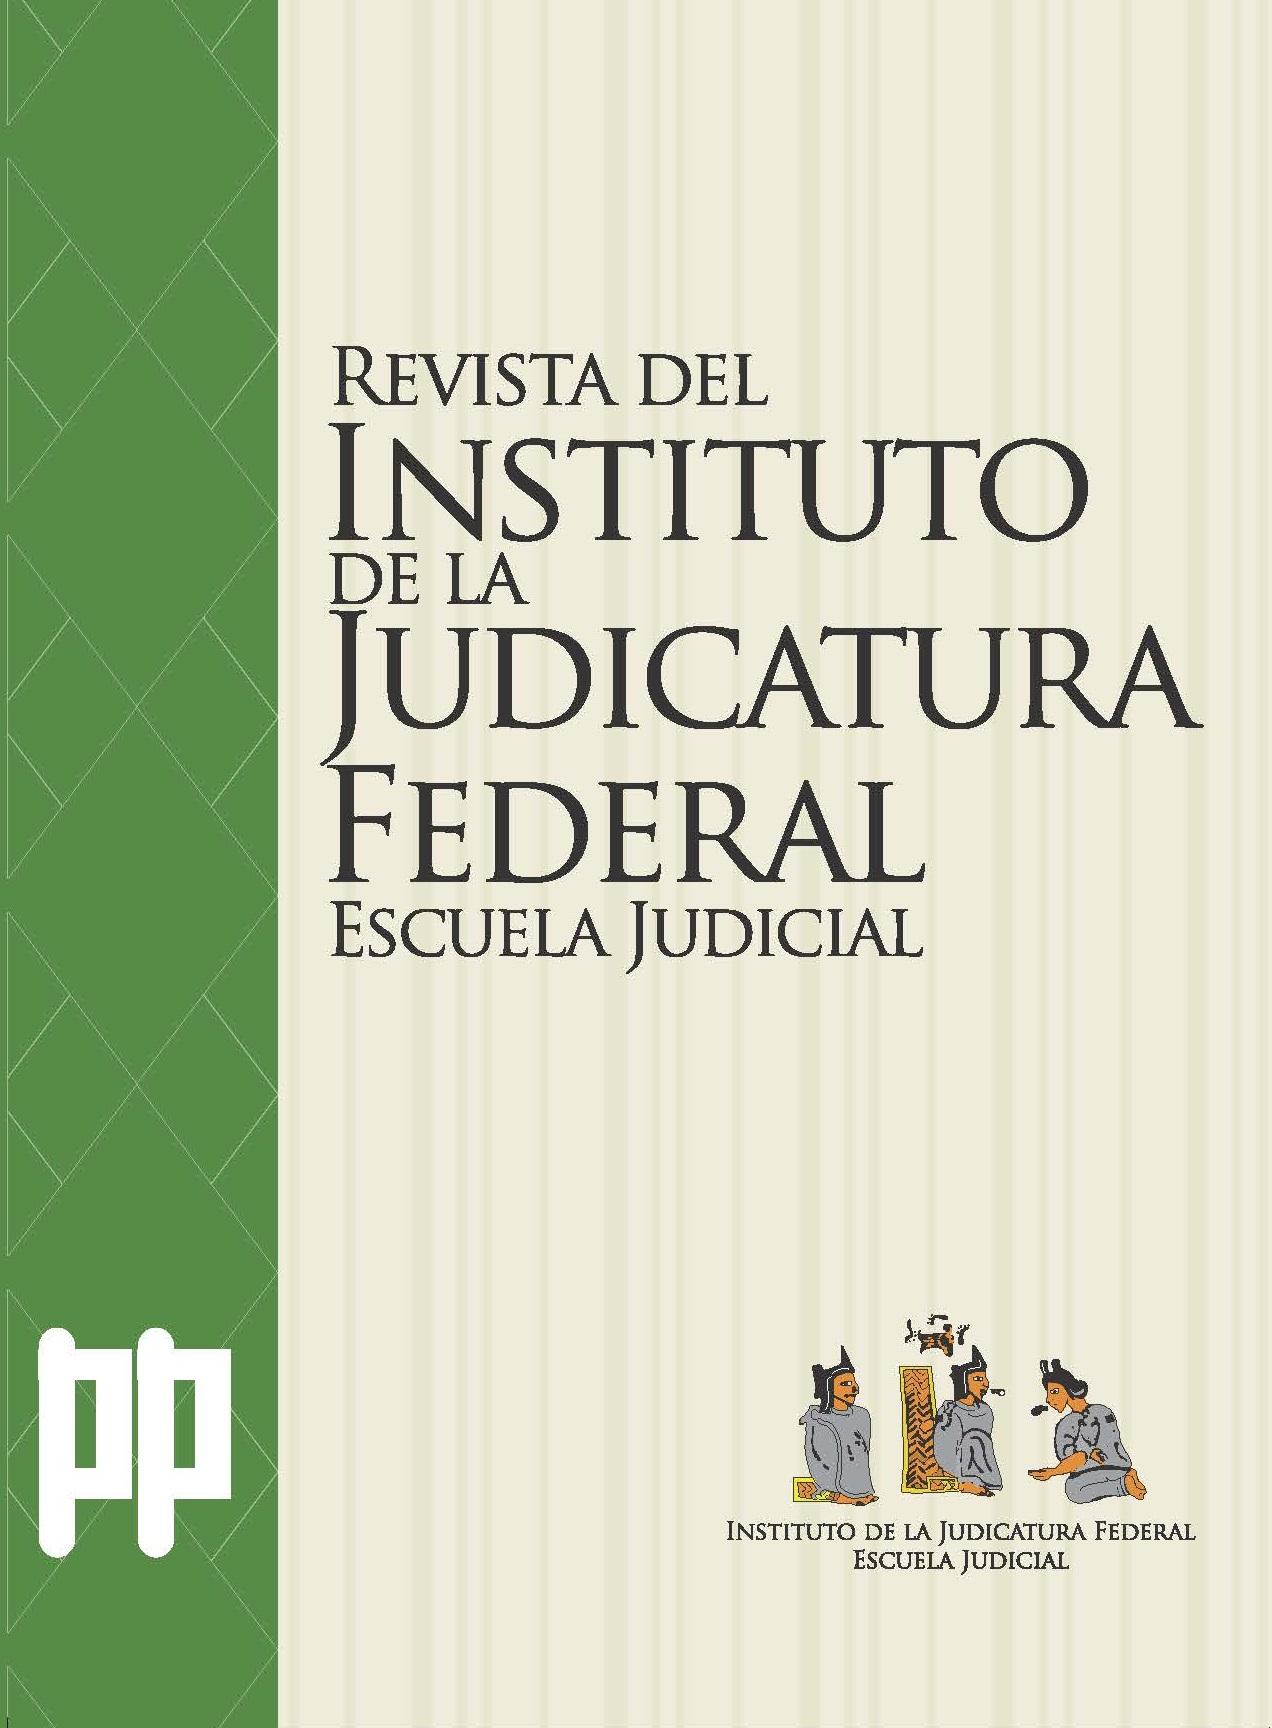 <b><i>Revista del Instituto de la Judicatura Federal, número 40, 2015</i></b>